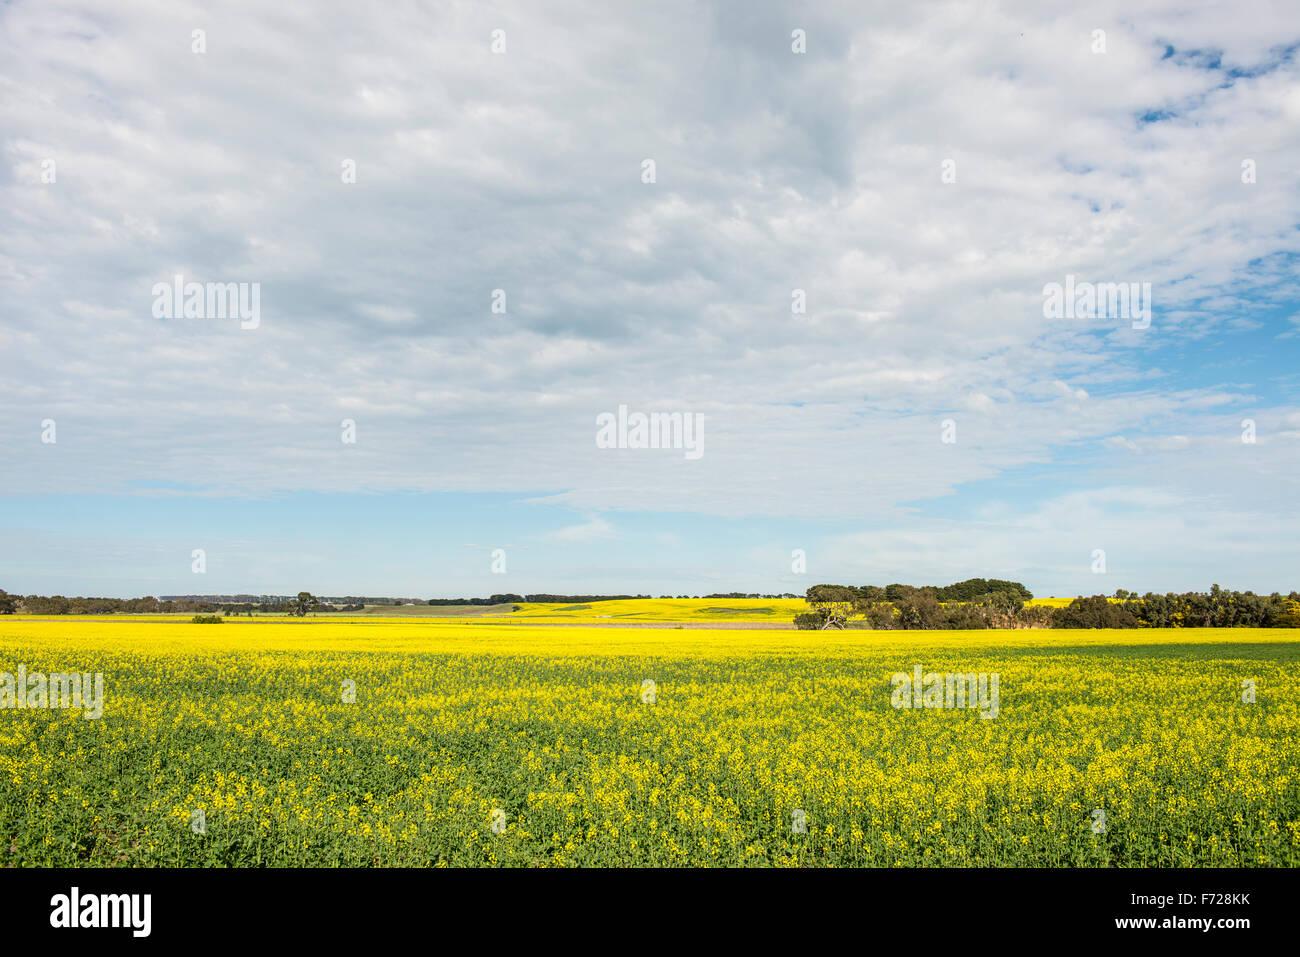 La récolte de canola à Victoria, Australie Photo Stock